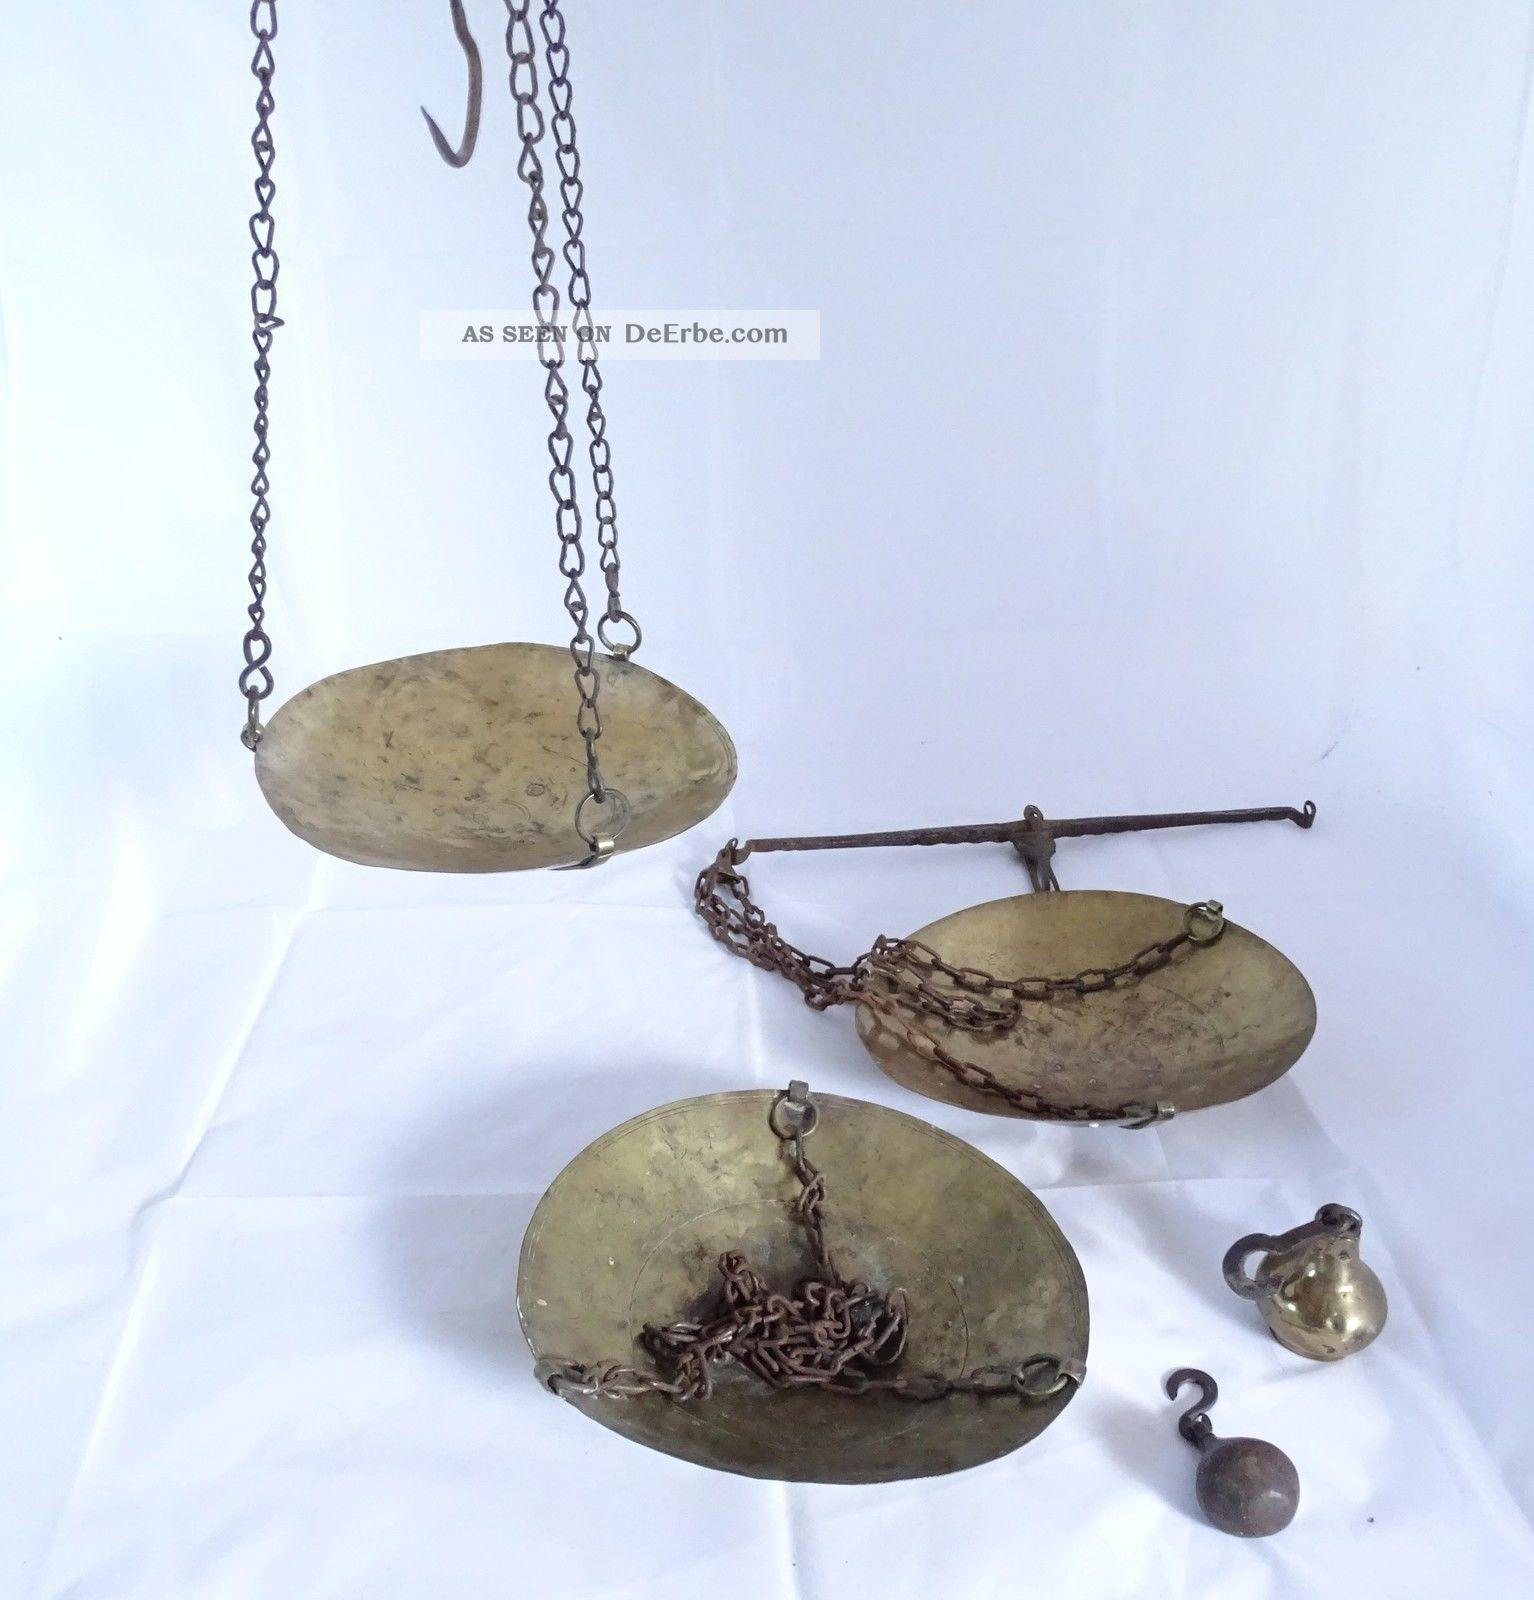 Antike Orientalische Tellerwaage Balken Waage Geschmiedete Handwaage 3 Teile Islamische Kunst Bild